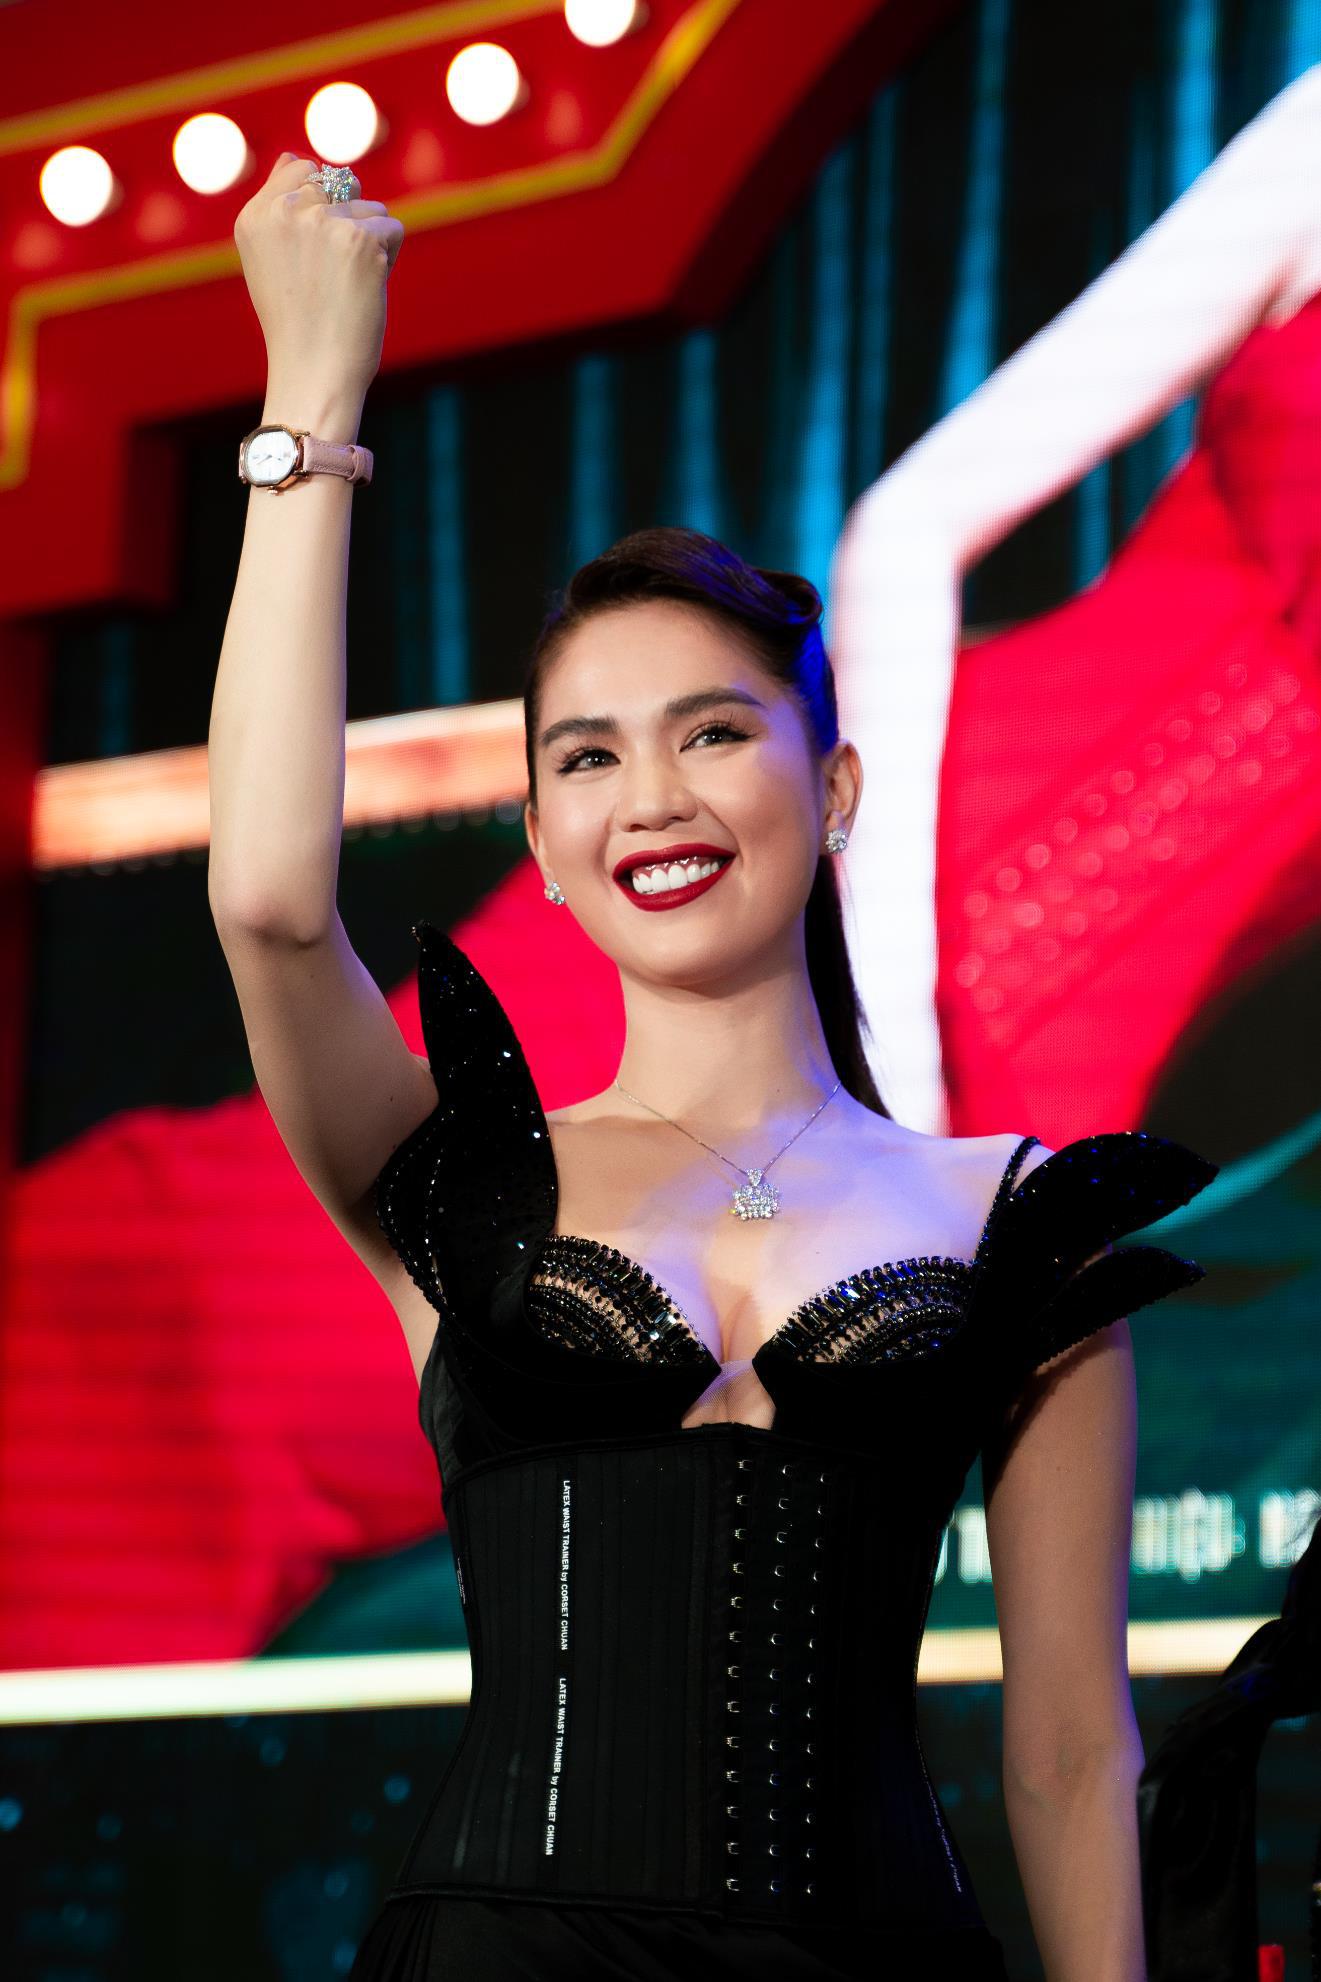 Ngọc Trinh và NTK Tiến Truyển lần đầu hợp tác cho ra đời những mẫu corset thời trang dành cho phái đẹp - Ảnh 3.